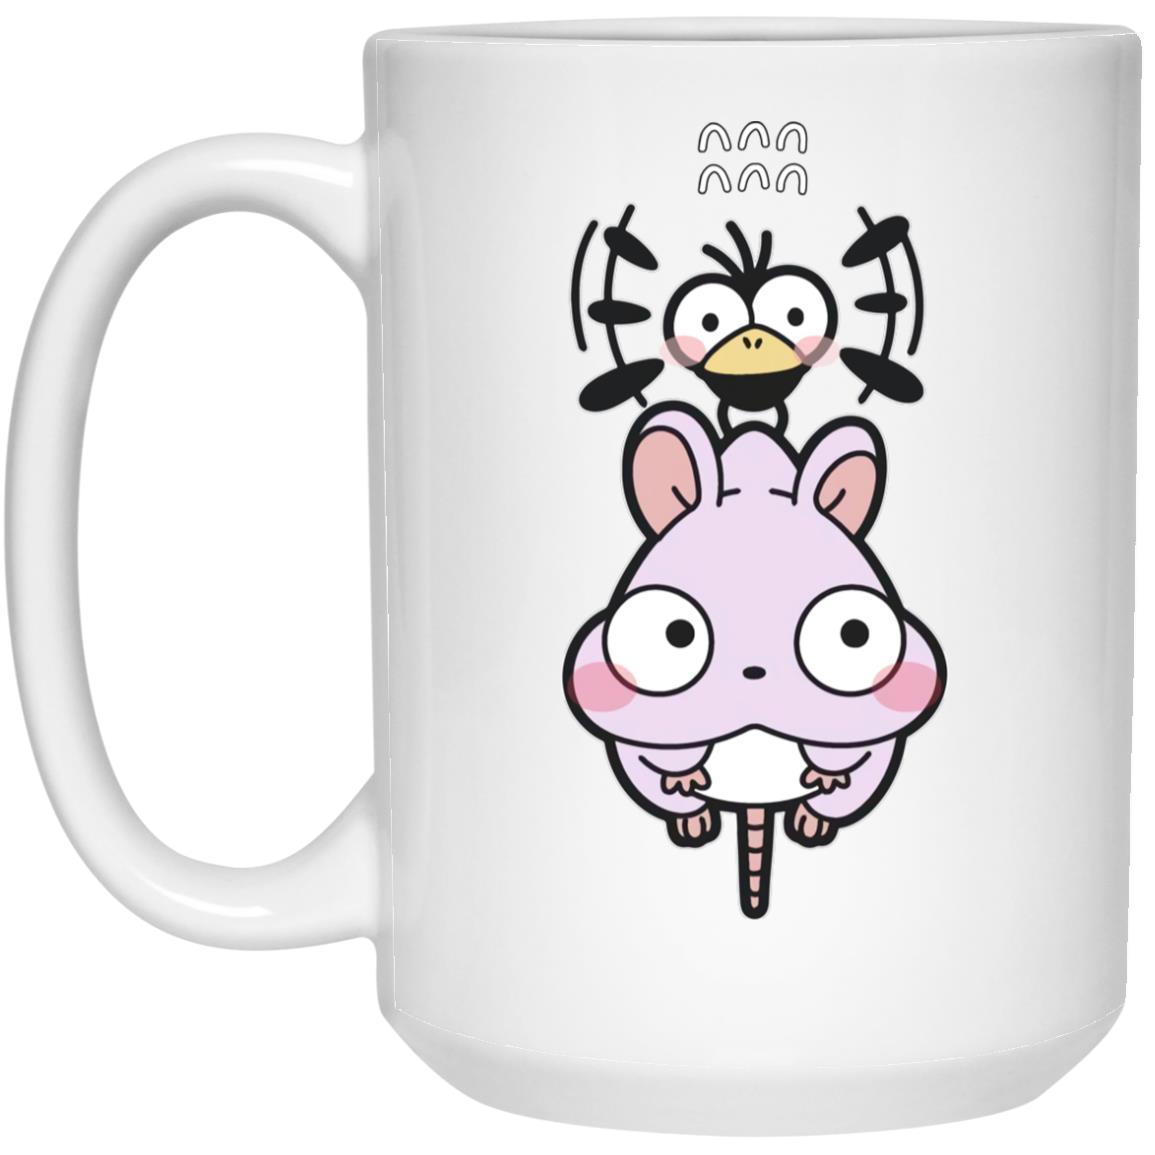 Spirited Aways – Boh Mouse Chibi Mug